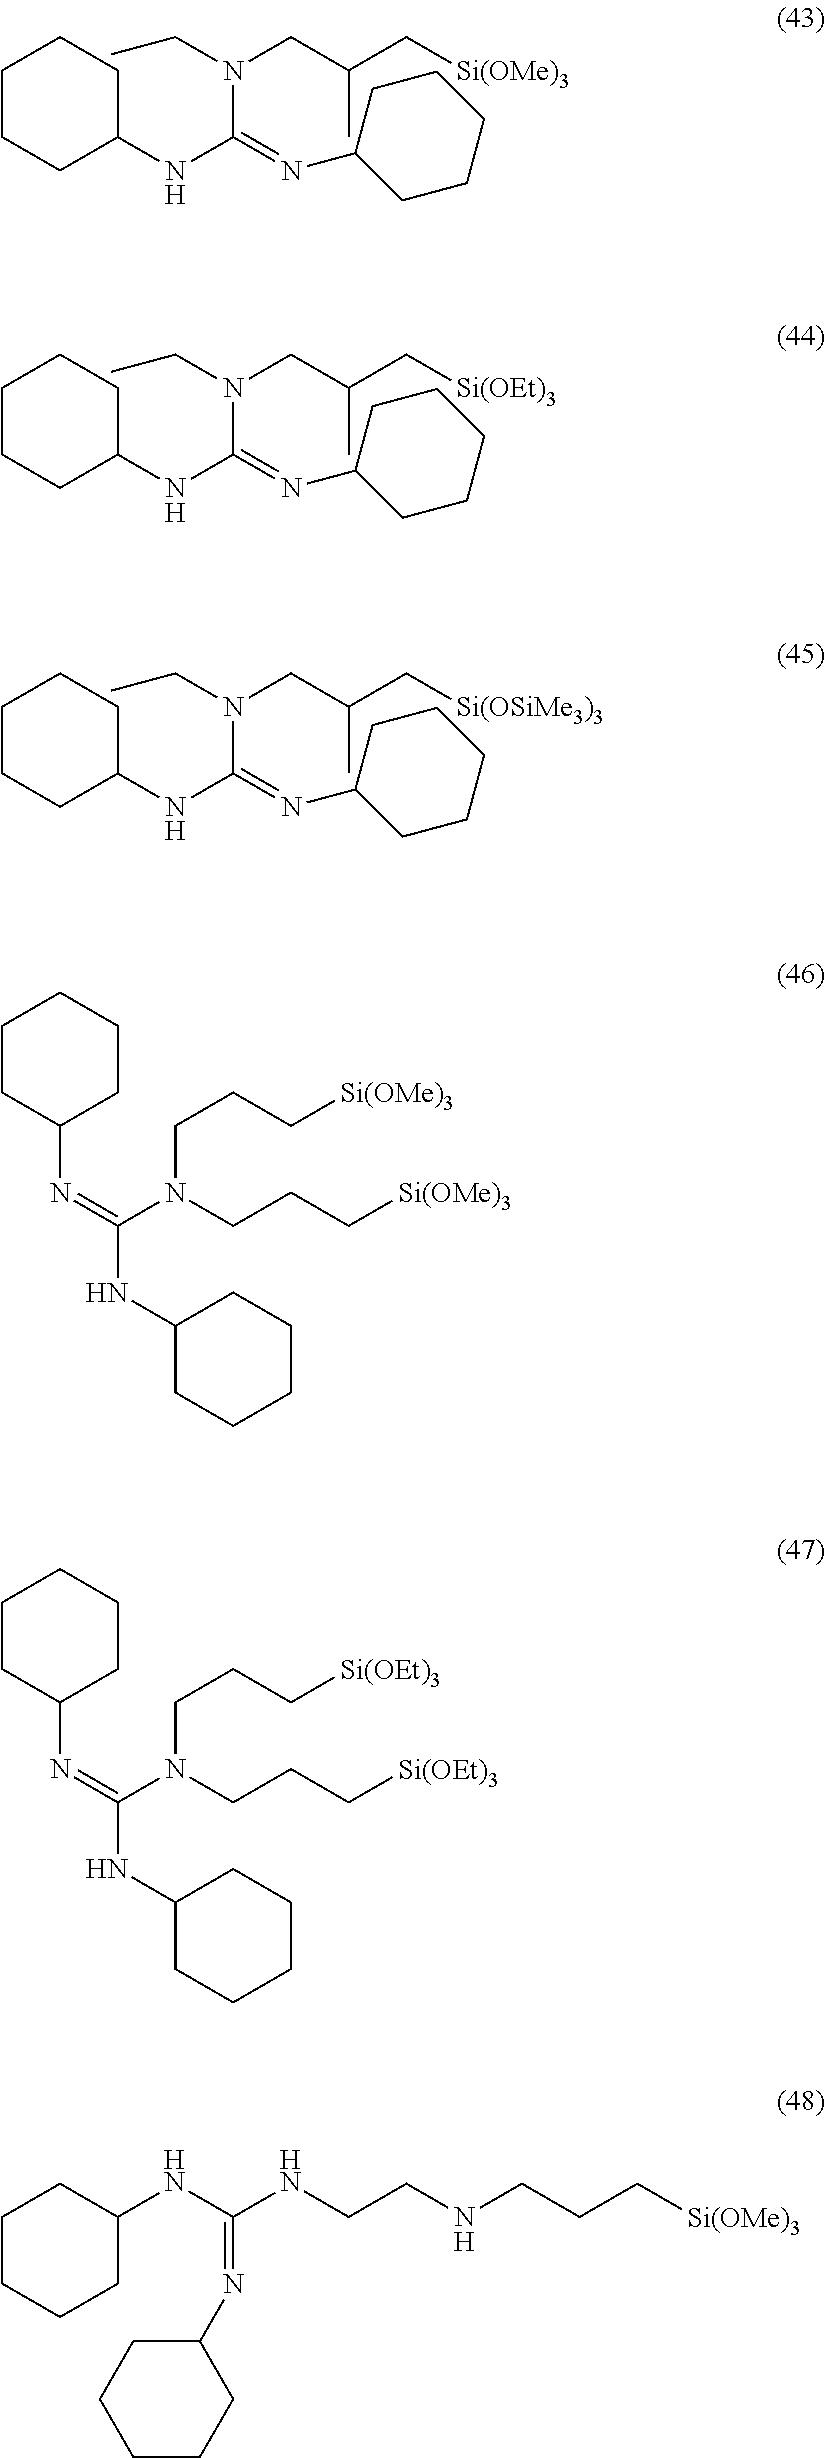 Figure US08372935-20130212-C00013